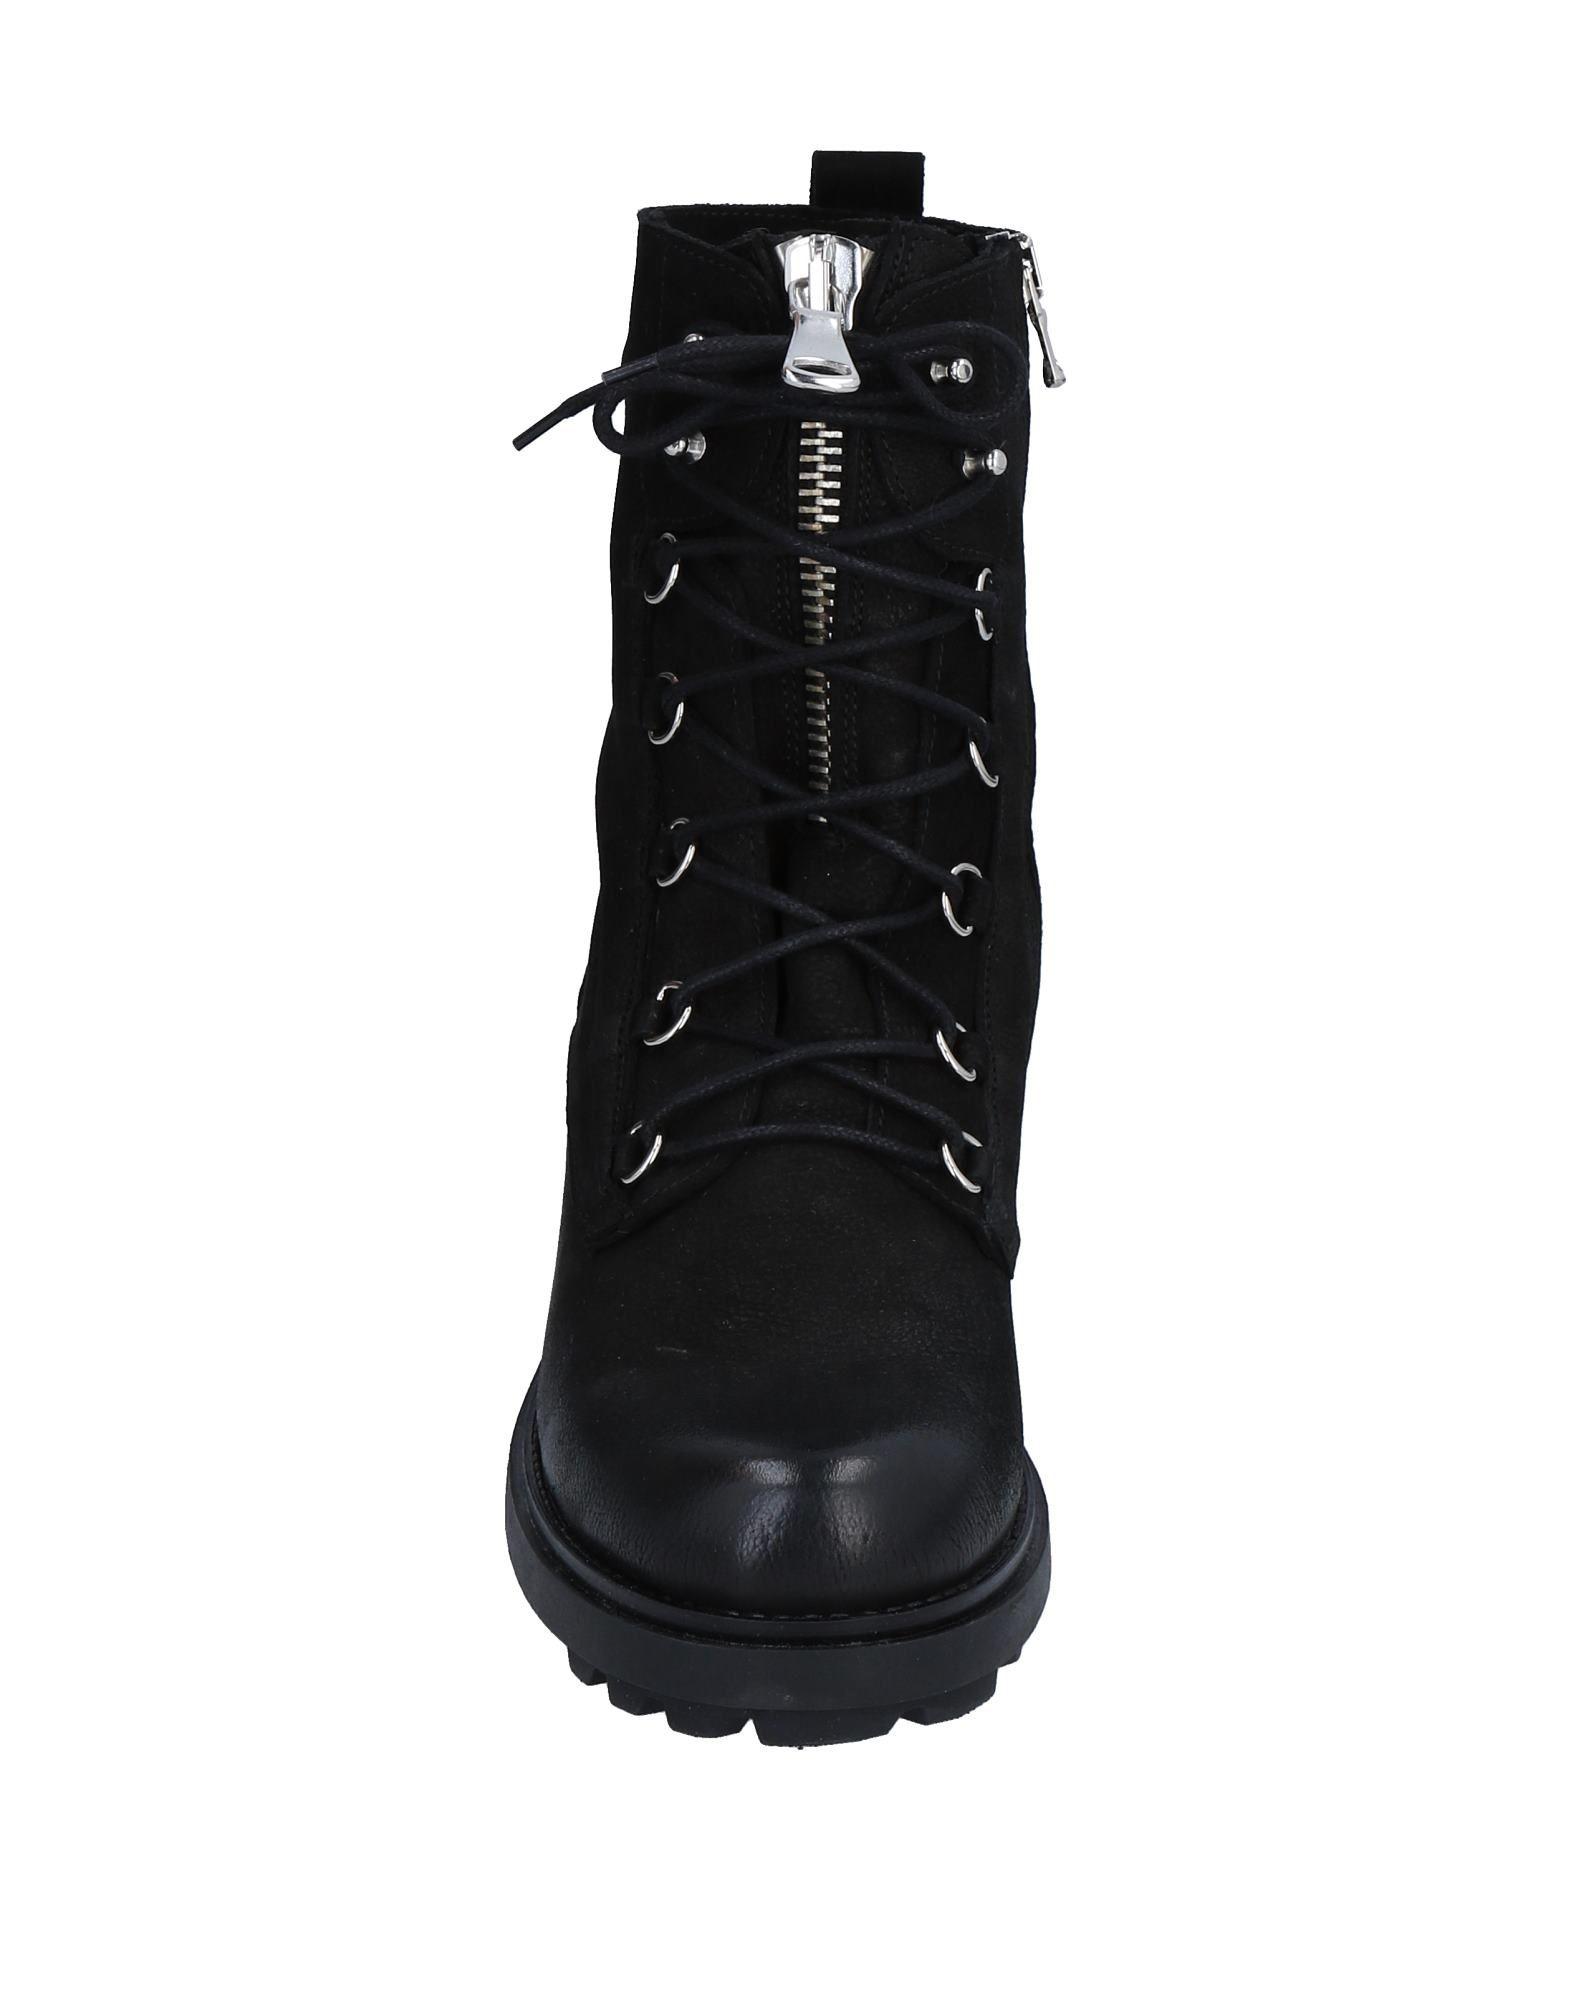 Onako' Stiefelette Damen  11530981RHGut Schuhe aussehende strapazierfähige Schuhe 11530981RHGut c78ddd